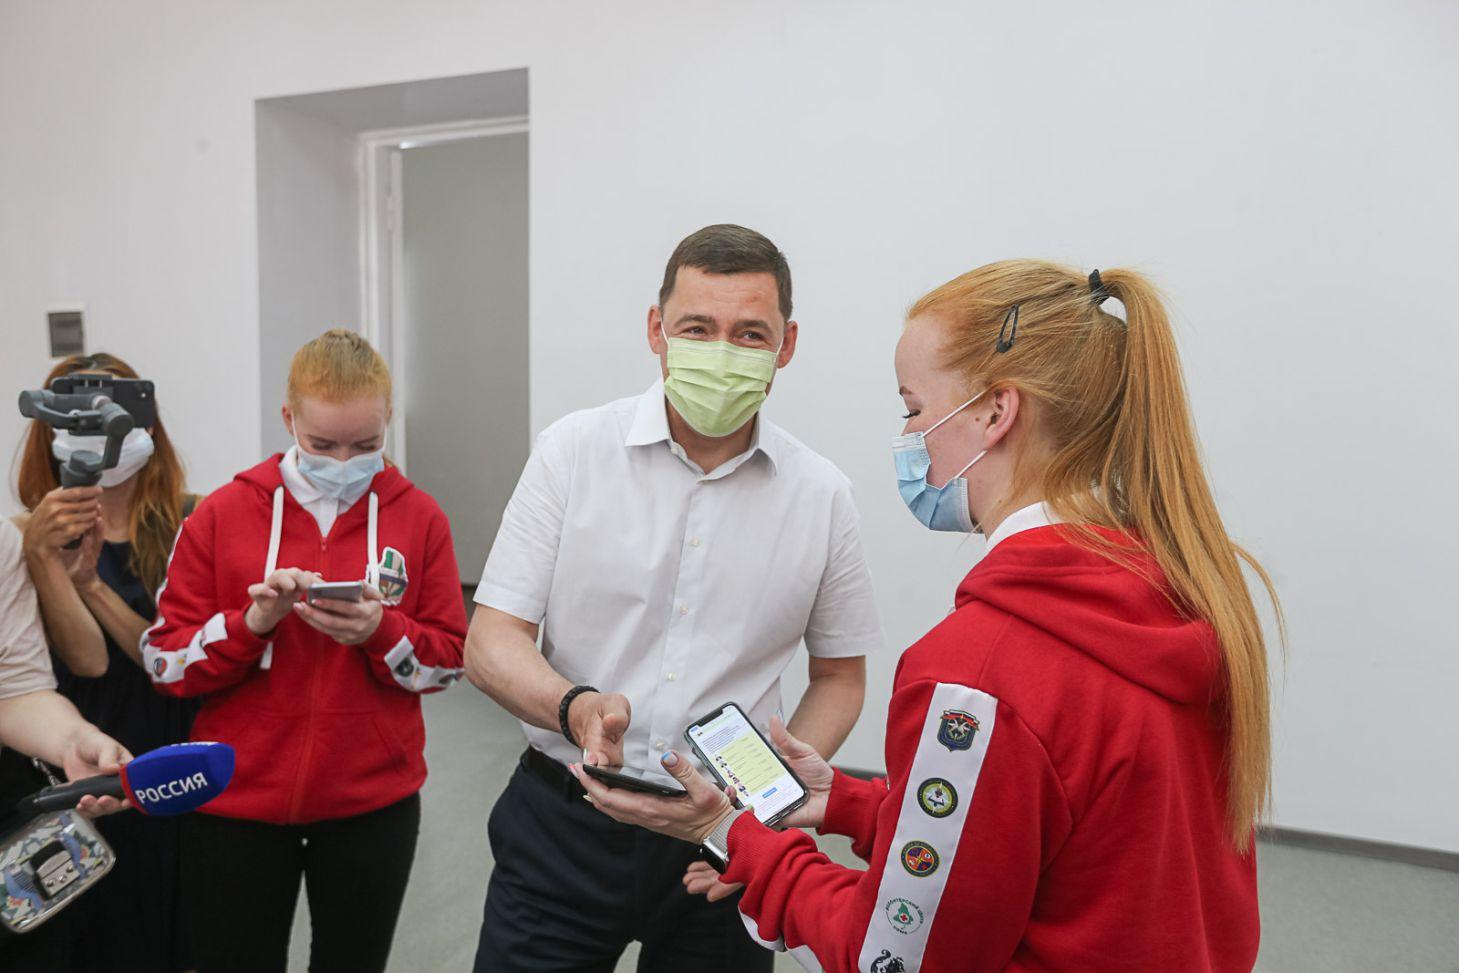 Евгений Куйвашев посетил Дом добровольцев и проголосовал вместе с волонтёрами на праймериз ЕР